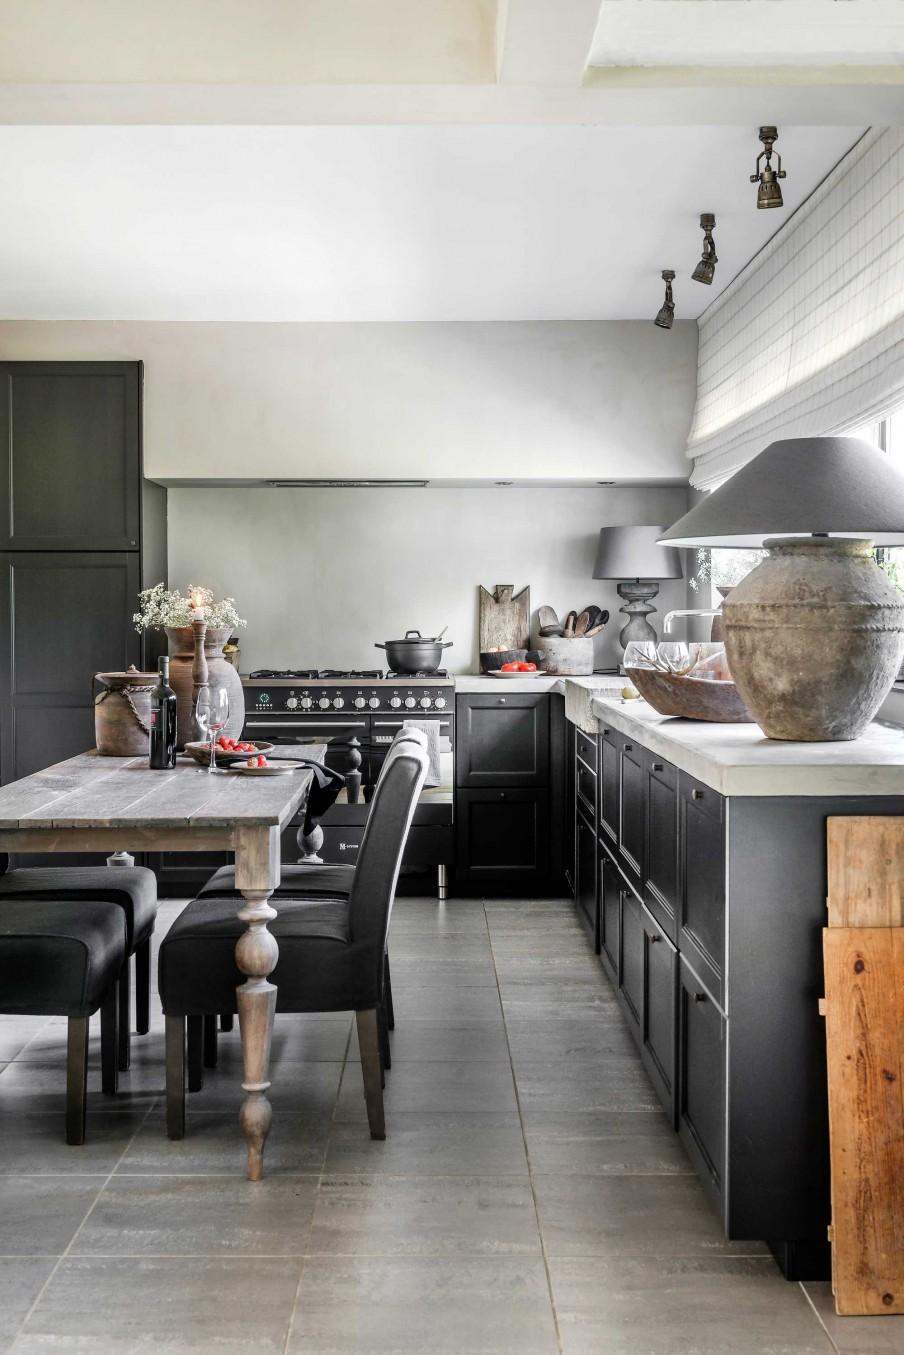 Las_claves_del_nuevo_rústico_decoración_cocina_tonalidades_neutras_madera_terracota